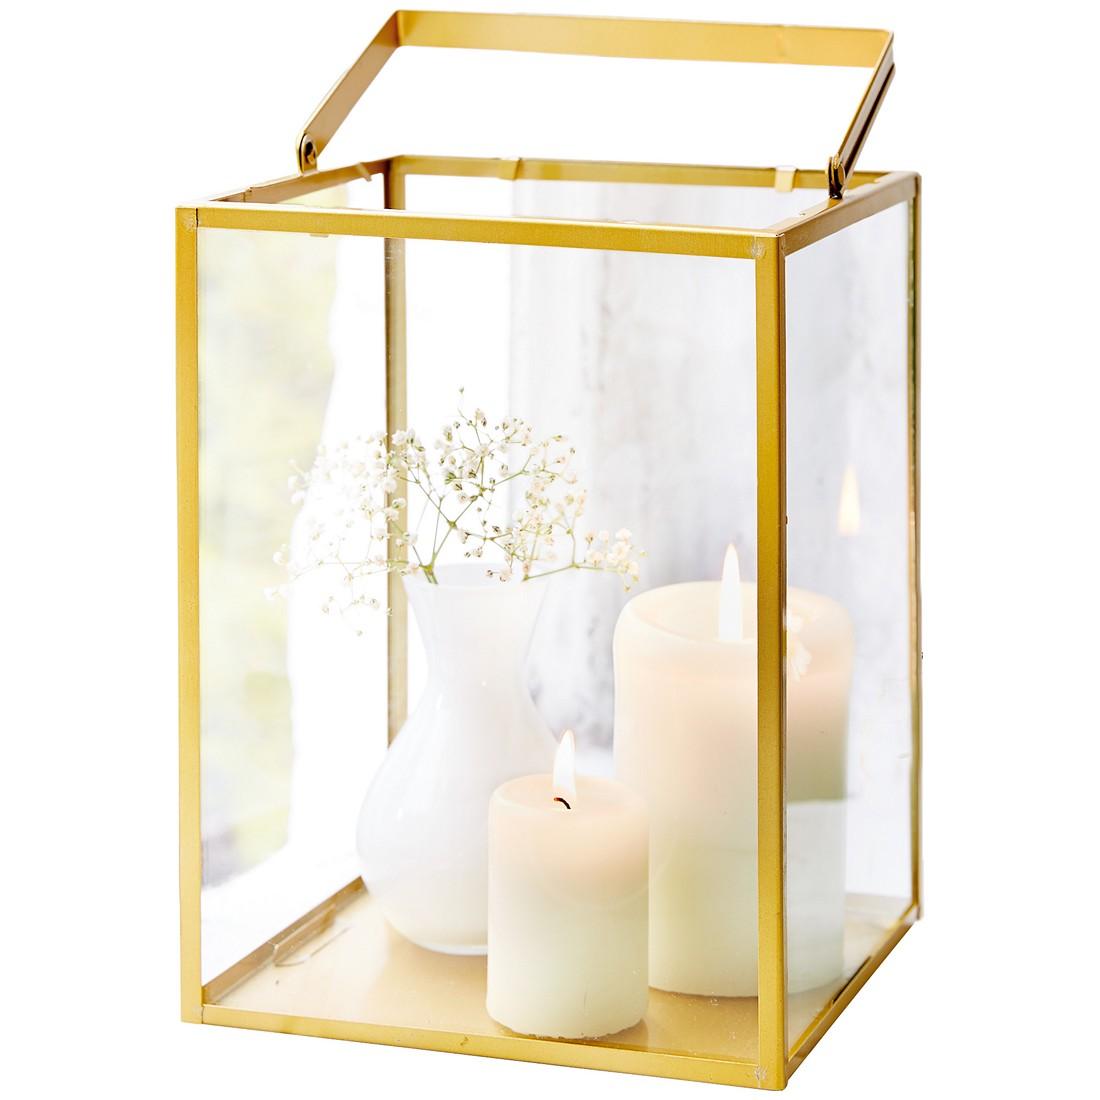 windlicht metall preisvergleich die besten angebote online kaufen. Black Bedroom Furniture Sets. Home Design Ideas